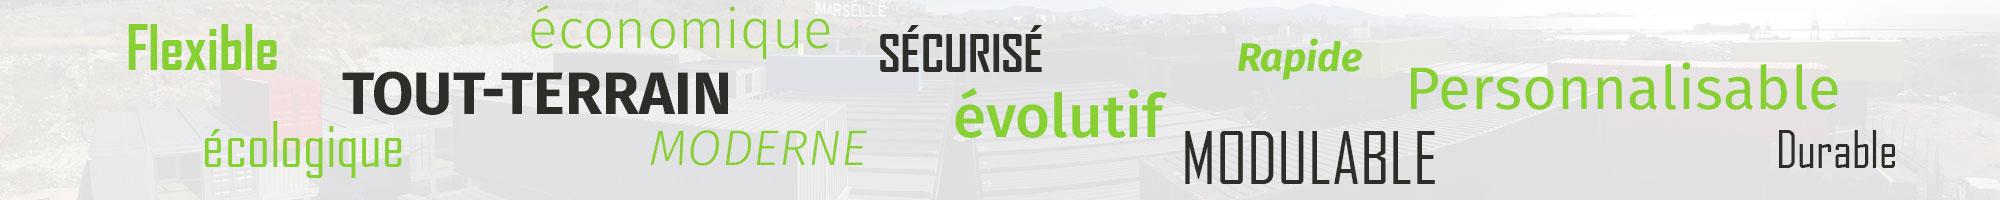 La solution container : Flexible, Adaptable, Rapide, Tout-terrain, Personnalisable, Economique, Sécurisé, Modulable, Ecologique, Moderne, Durable, Evolutif